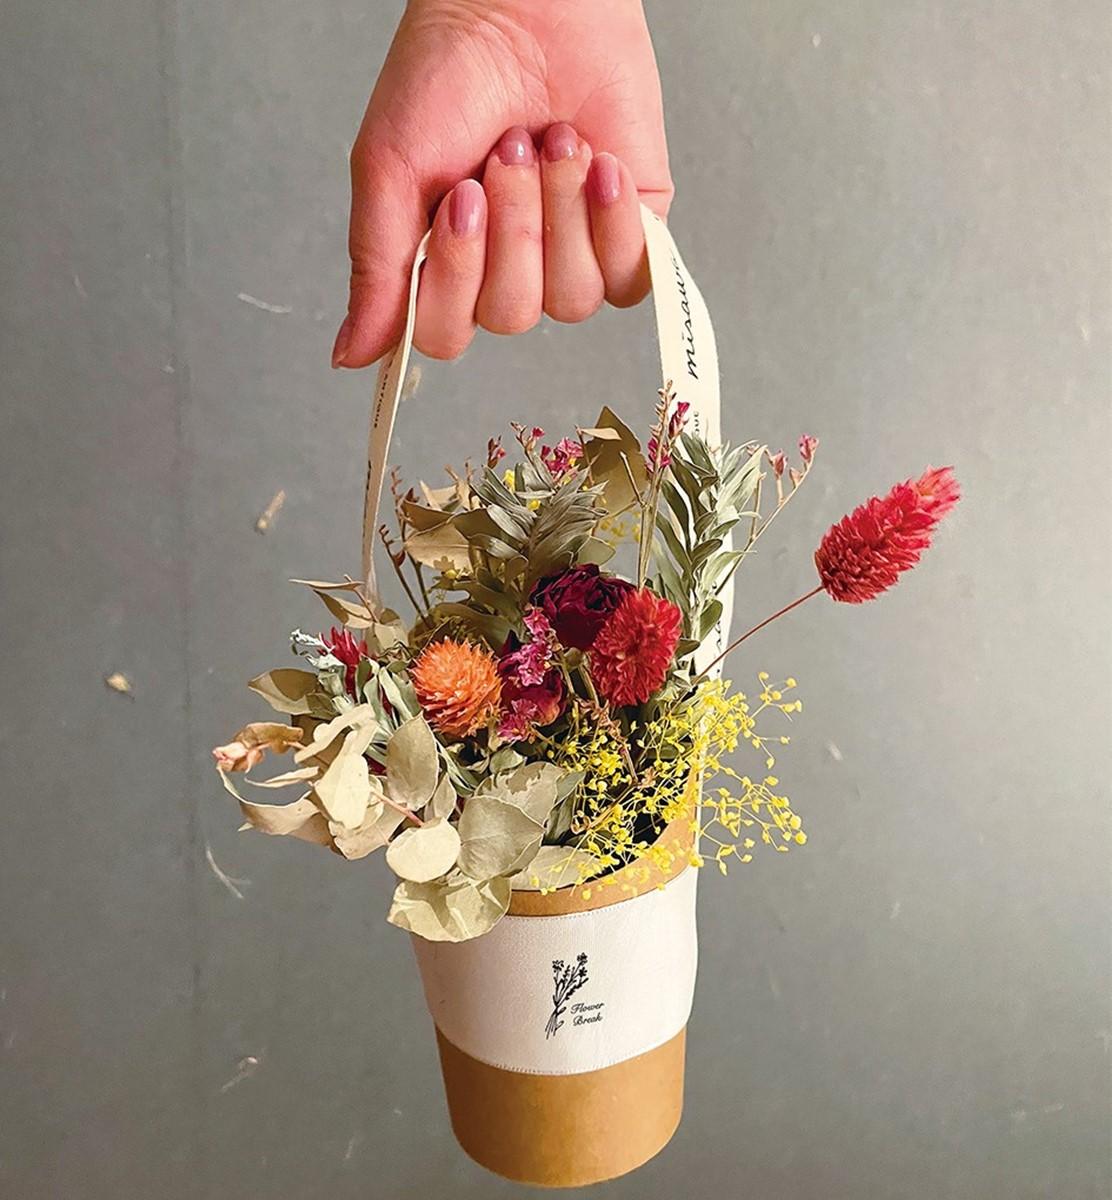 京都河原町でお花を詰めたカップをプレゼント